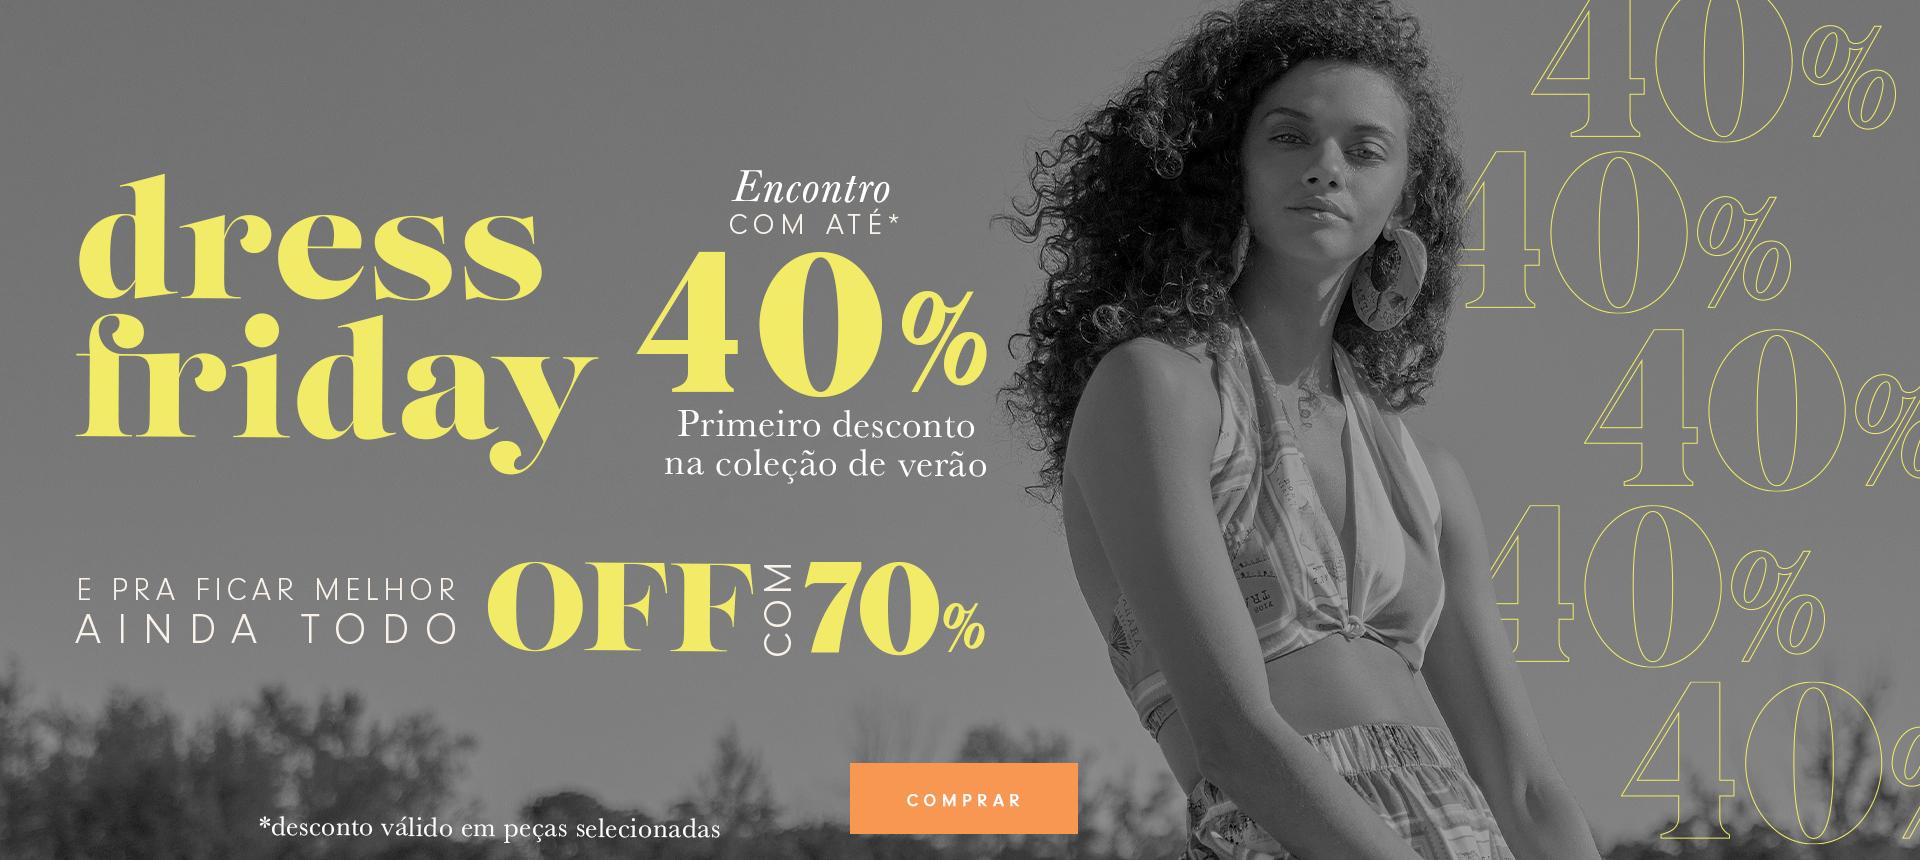 DRESS FRIDAY 40% E 70% OFF